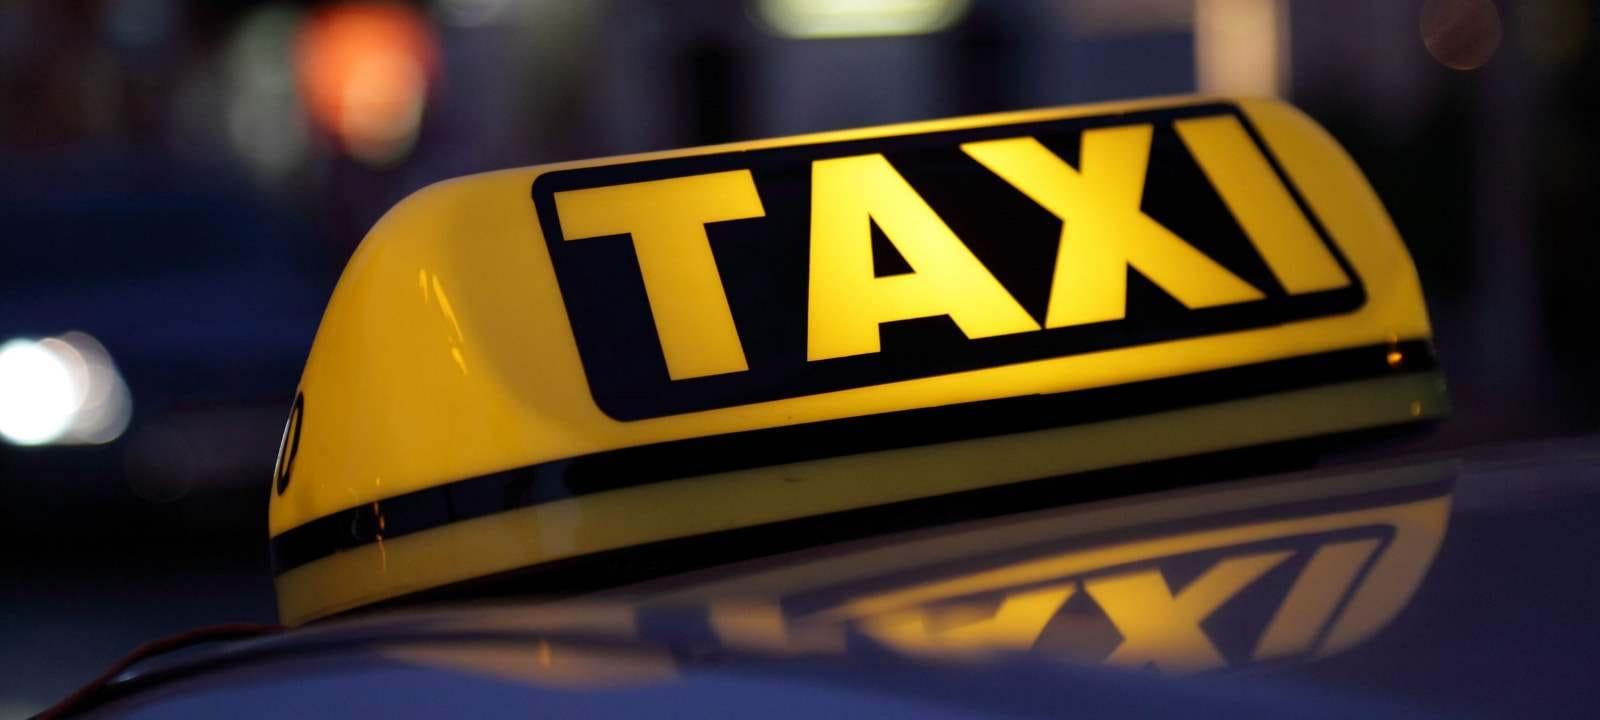 Paphos taxi services